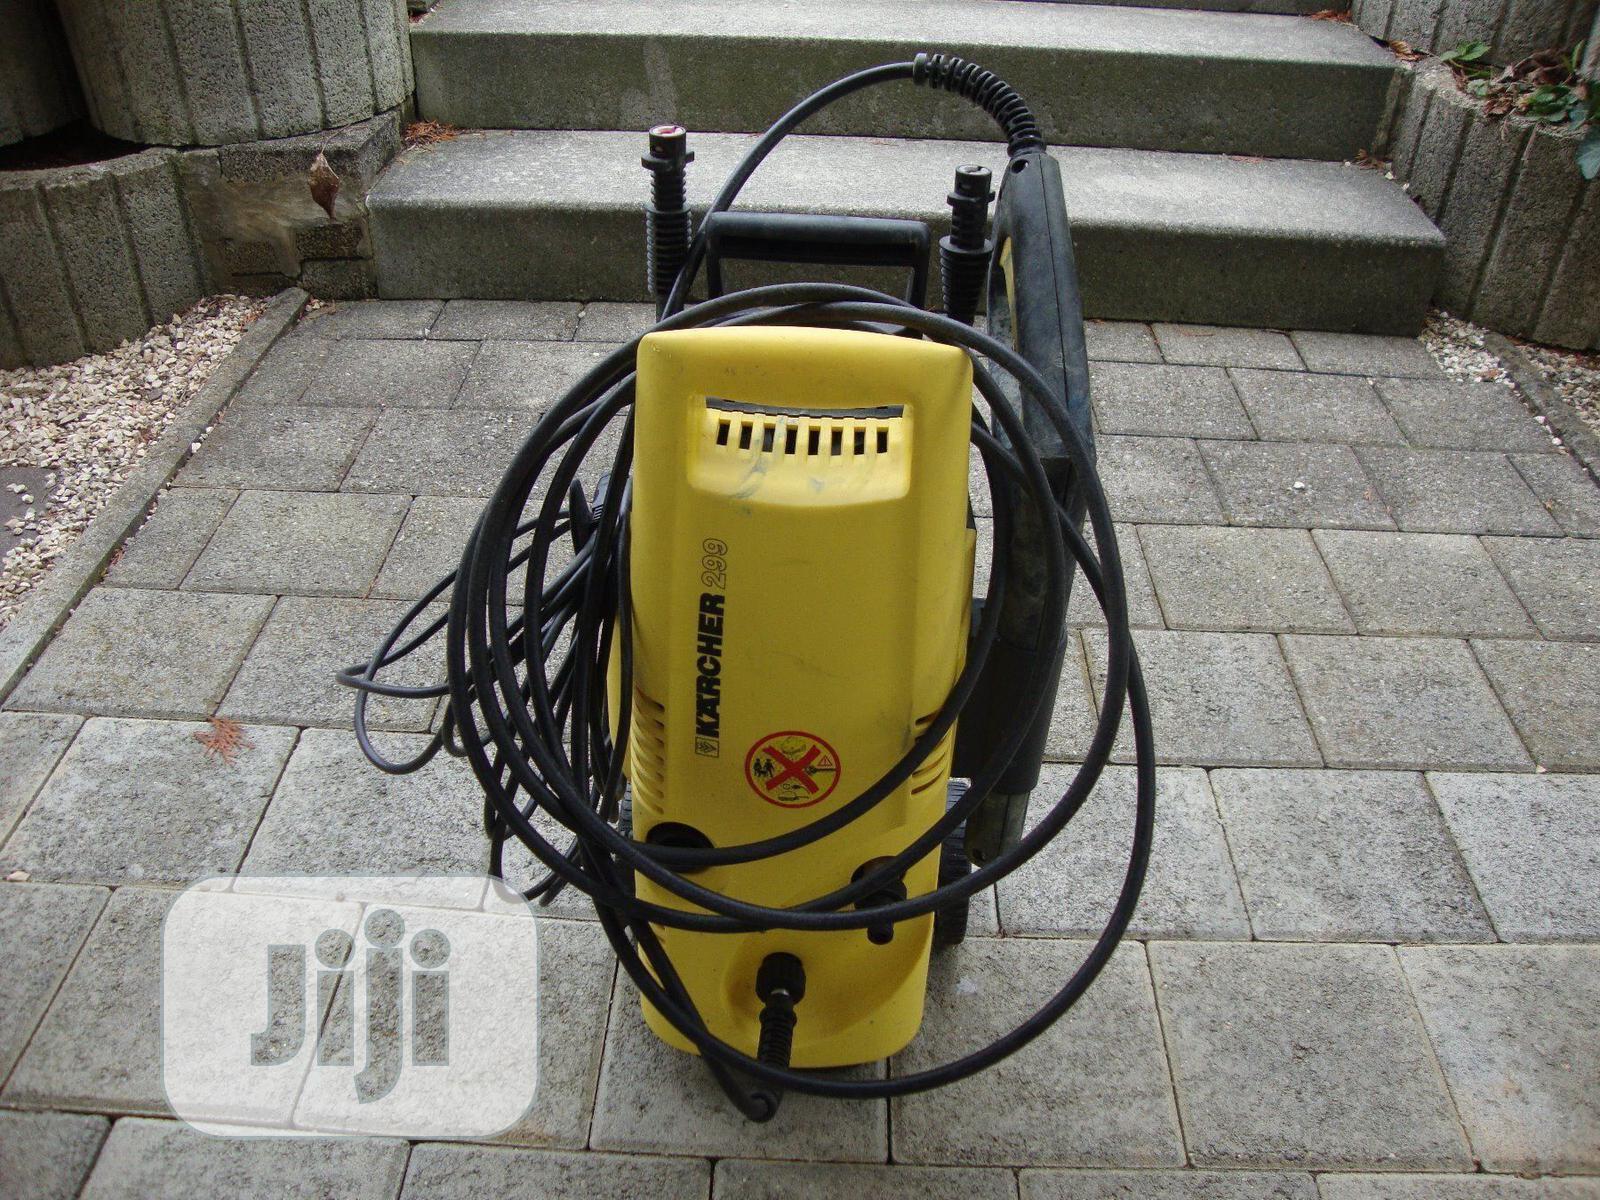 Karcher 299M High Pressure Washer